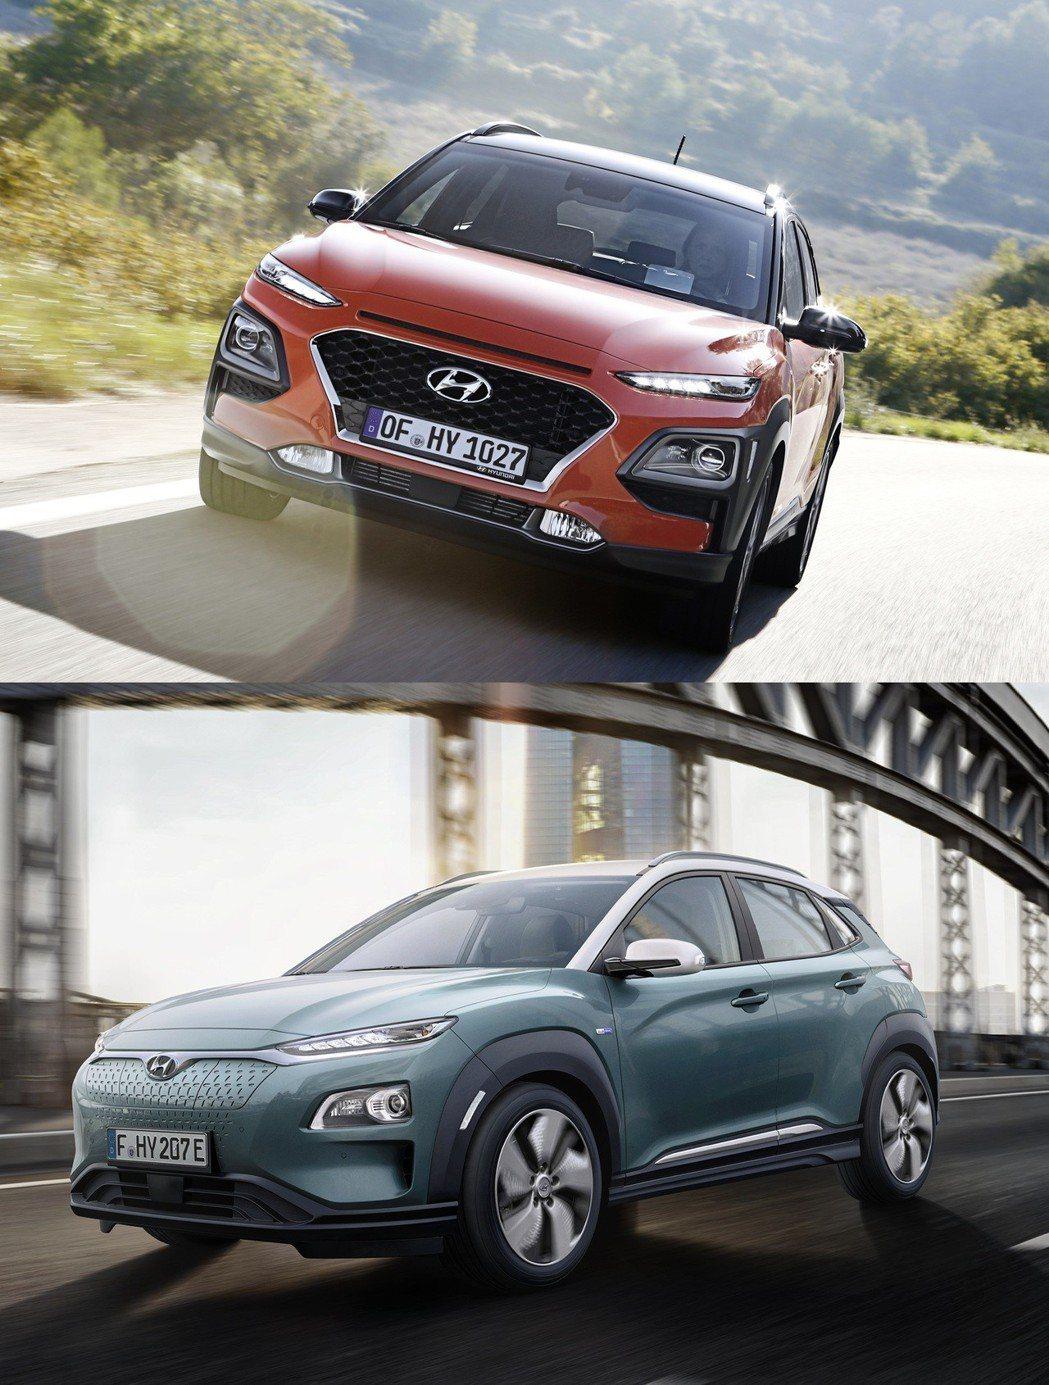 上圖為一般版Kona,下圖為Kona Electric。 摘自Hyundai